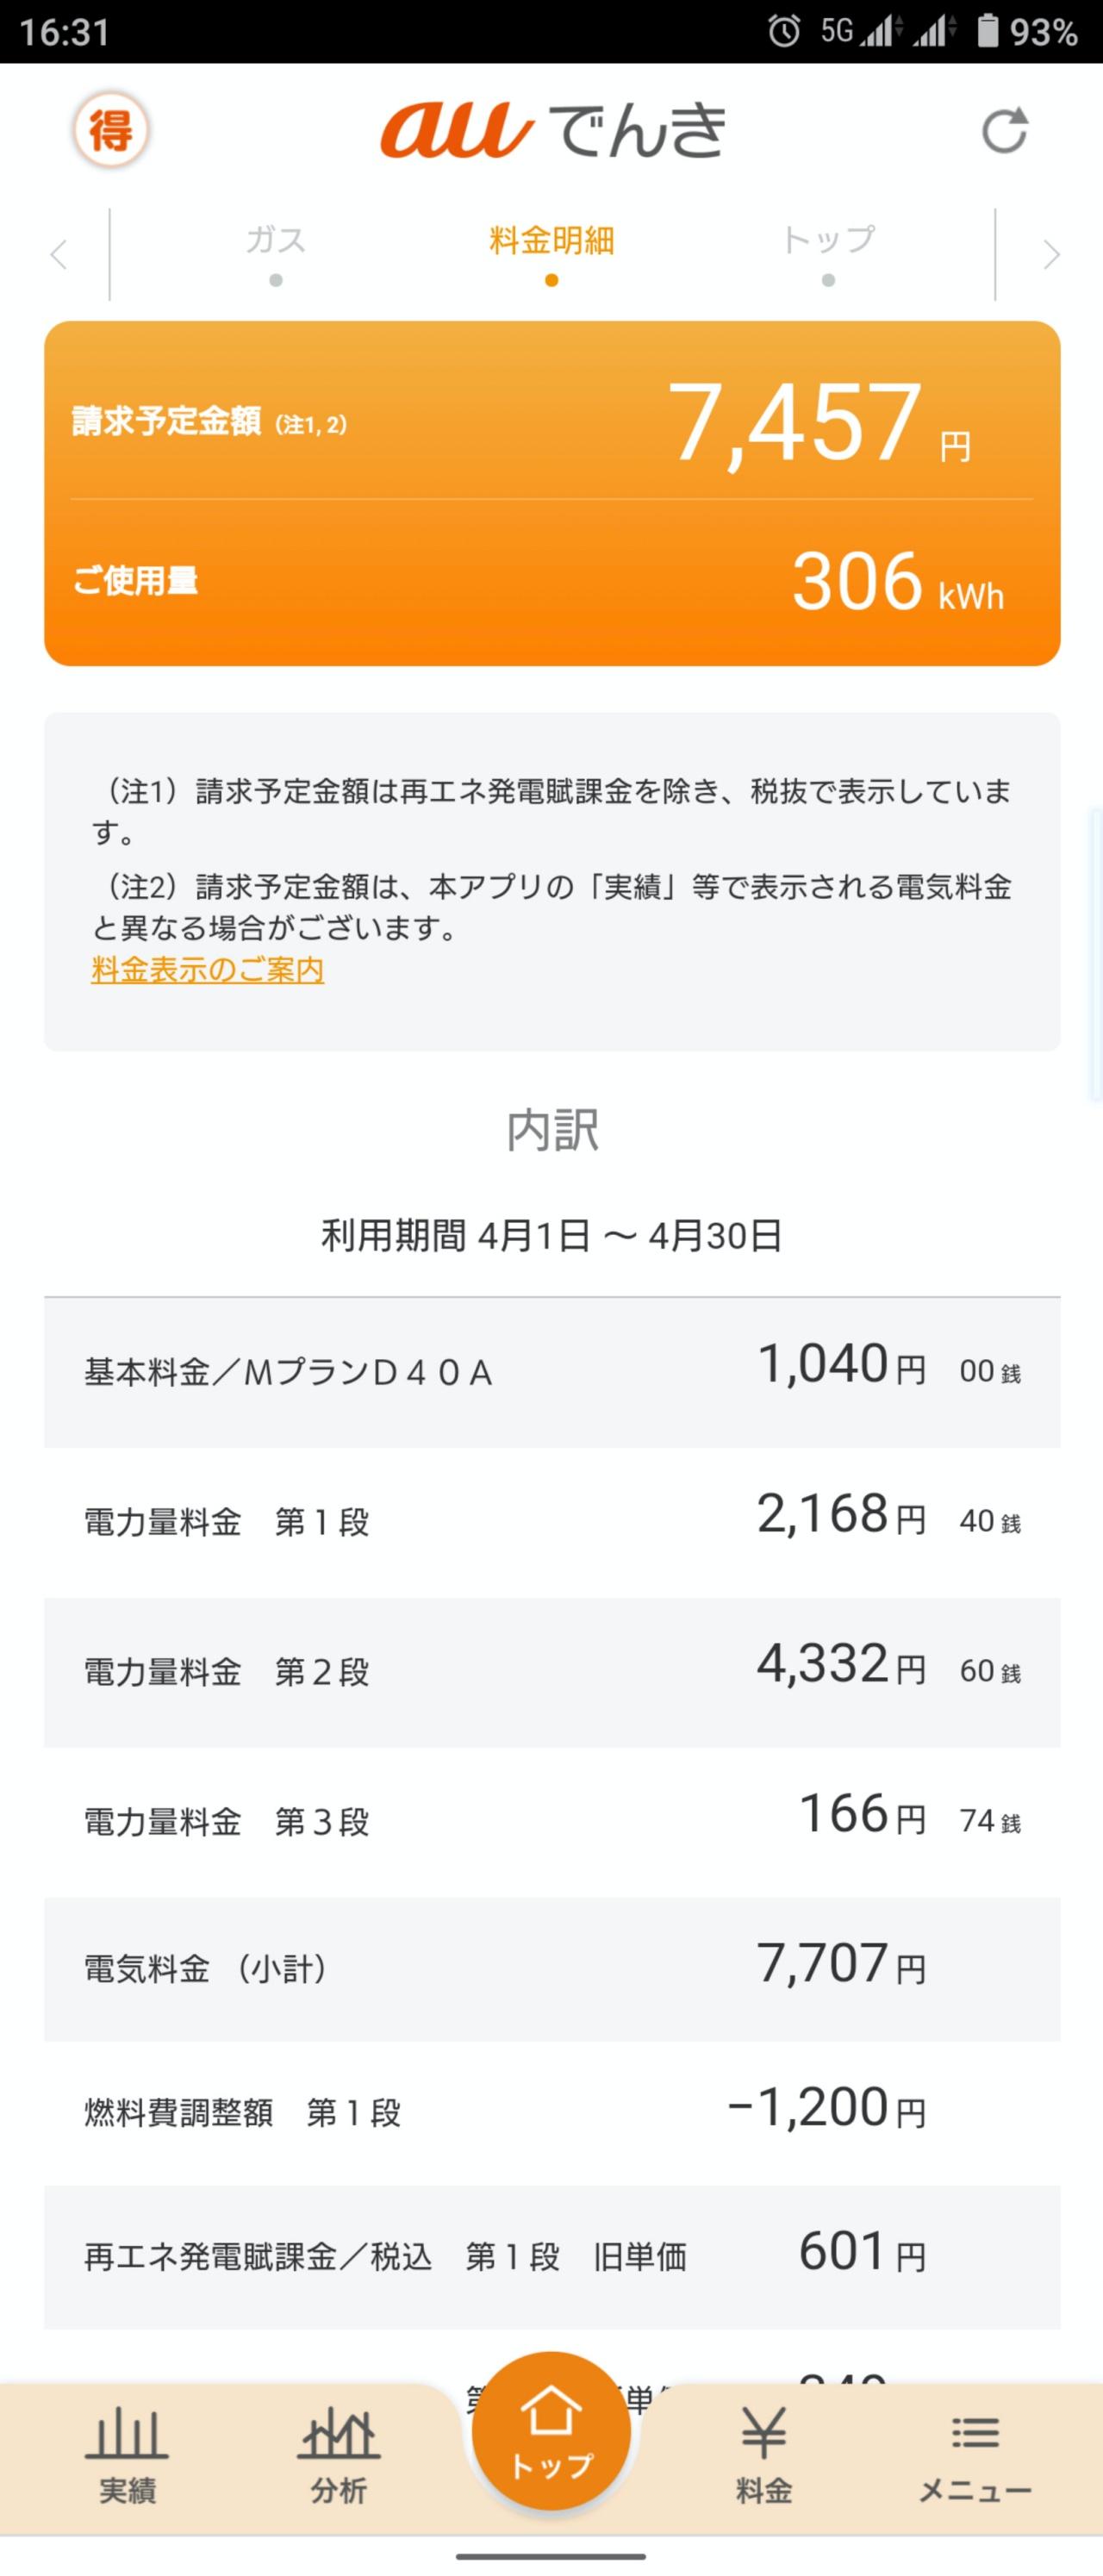 UQ Junya Ishino